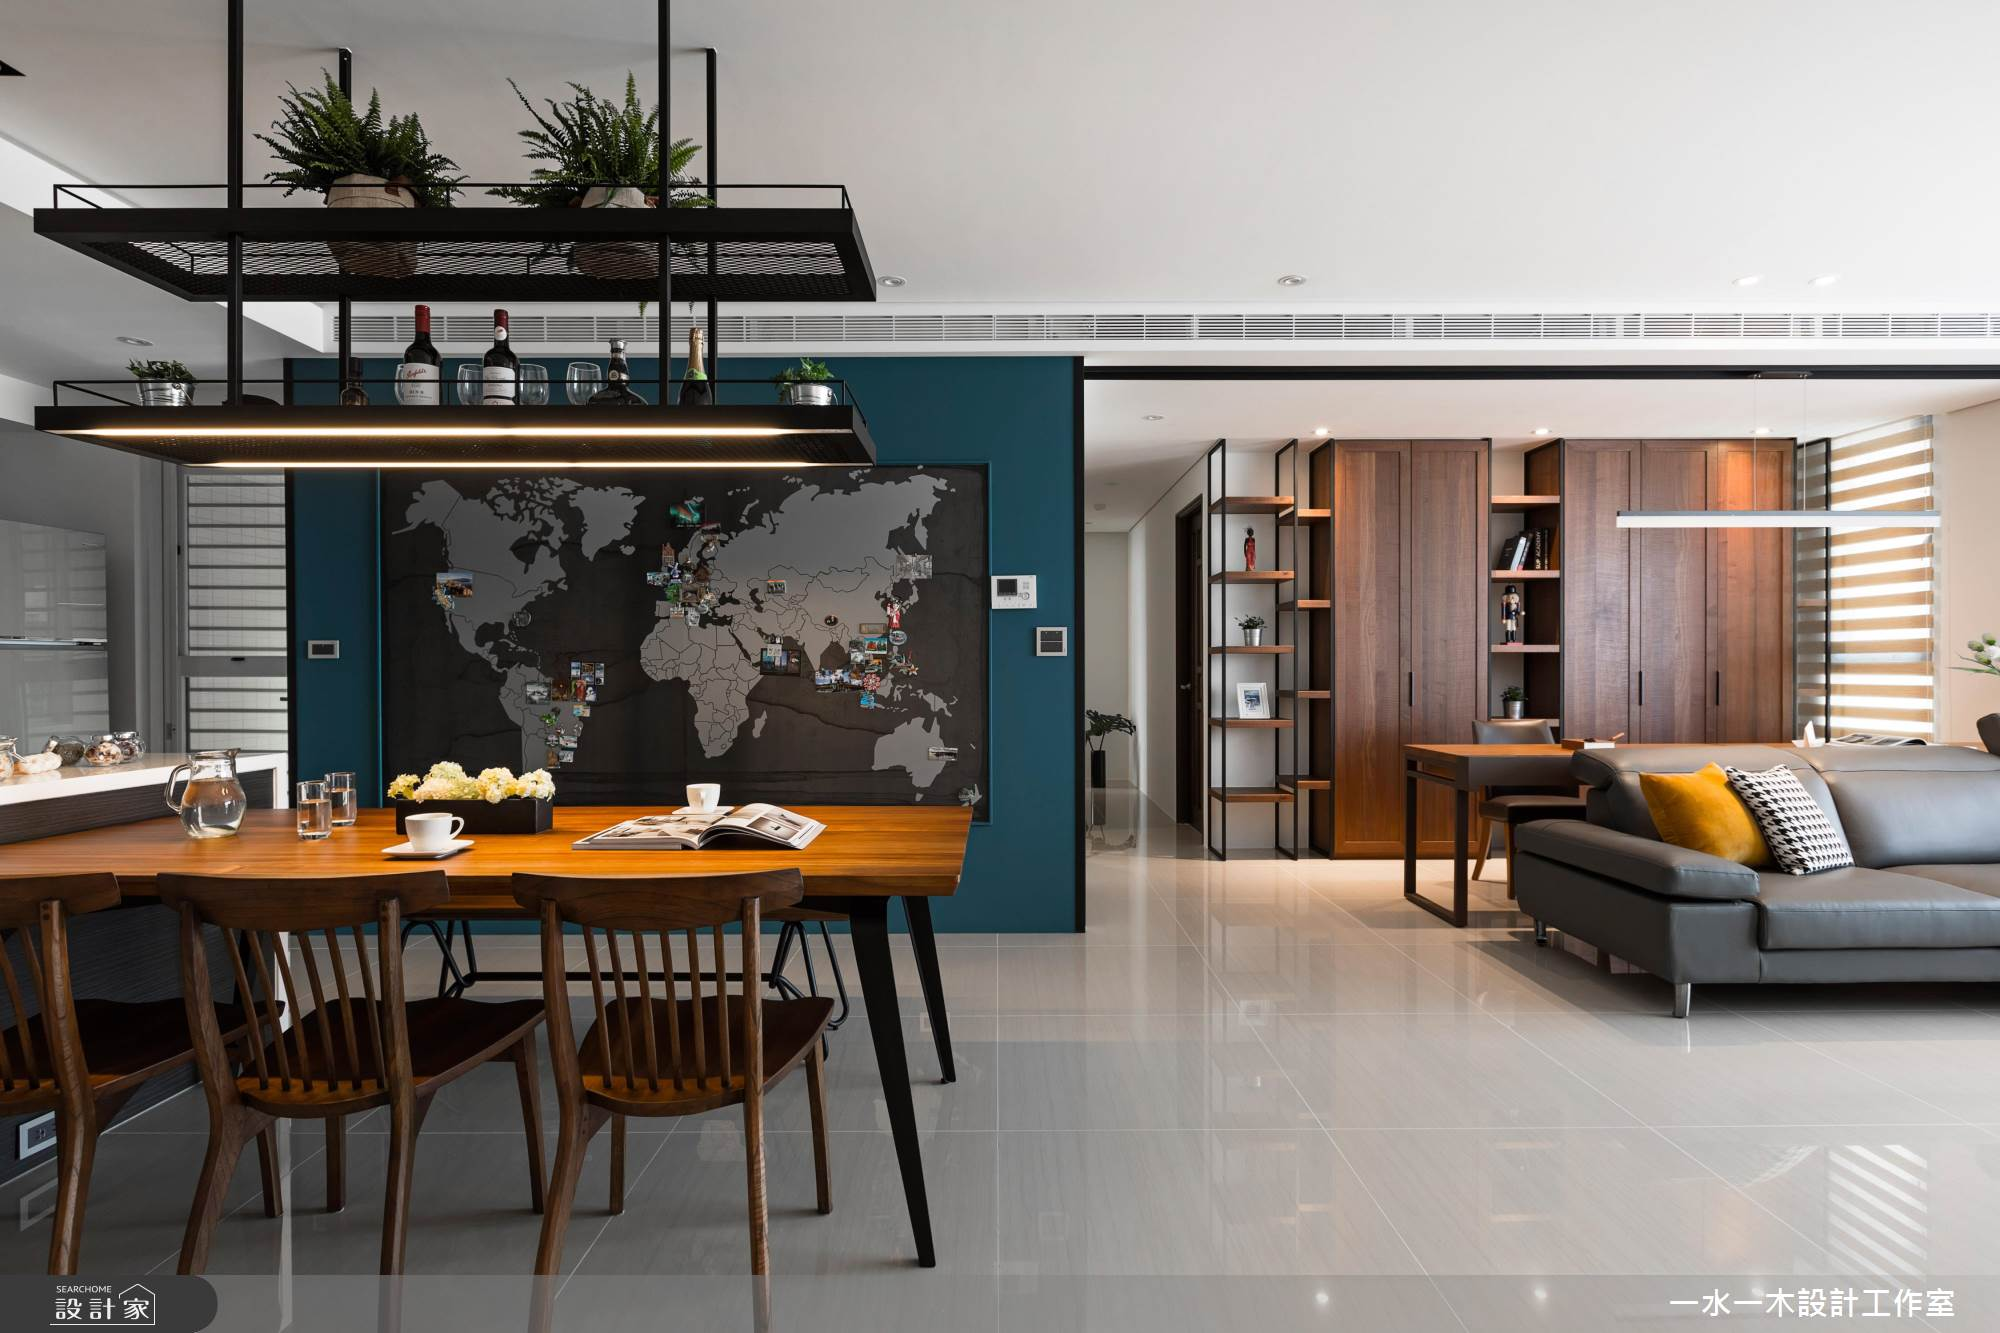 國度旅行X中島廚房X風格收納 揉合純淨自然的家屋魅力